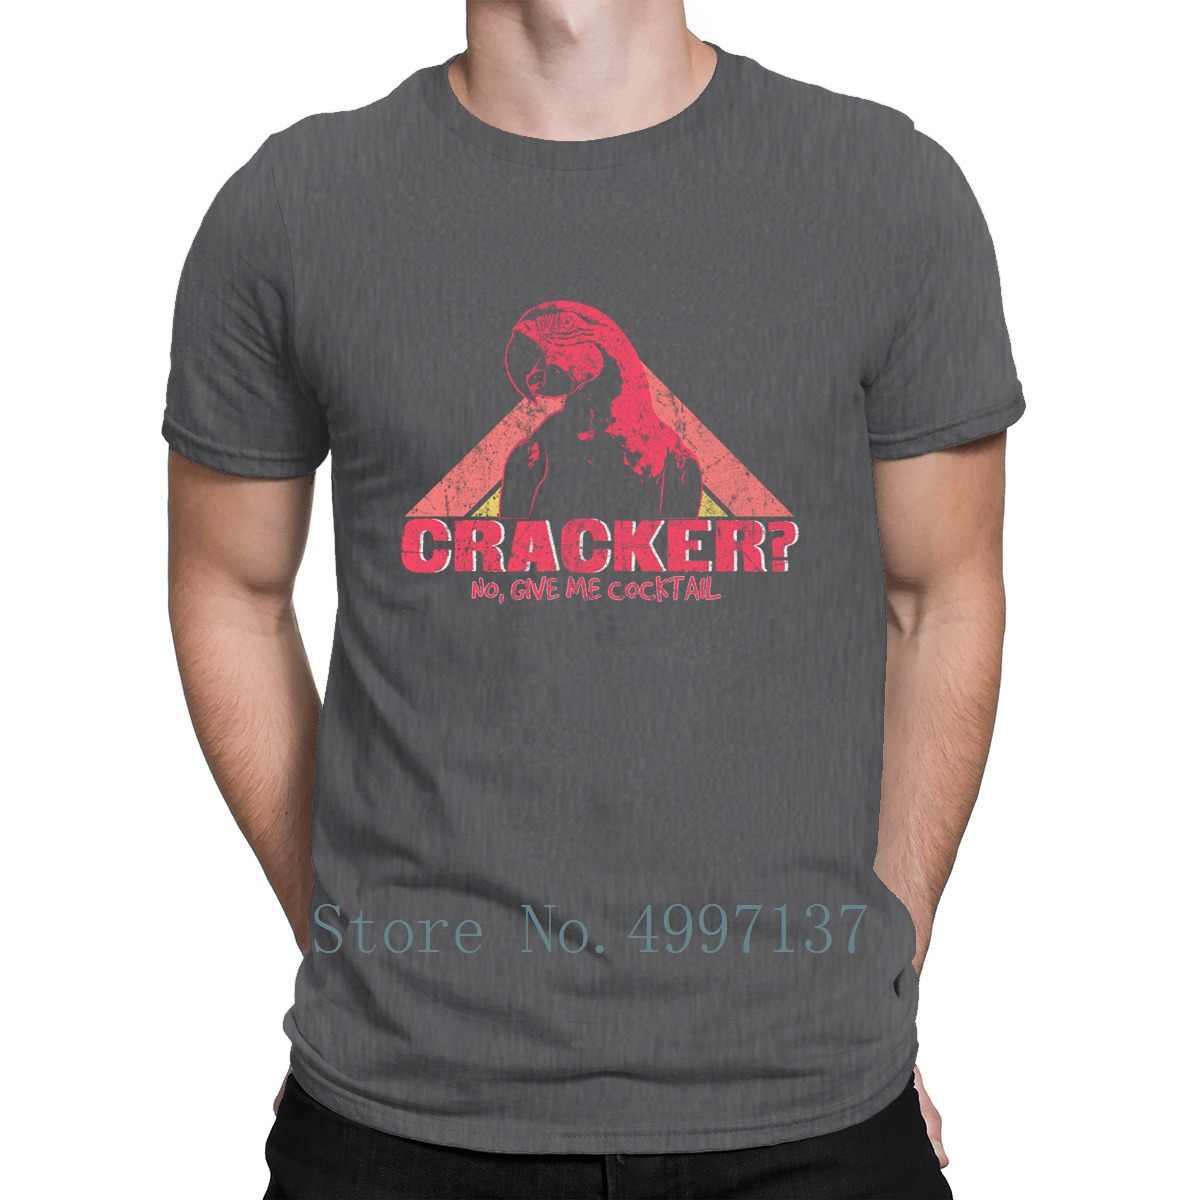 Alcohol Papegaai Unisex Lichtgewicht Badstof T-shirt Grafische Zomer Grappig Cool Euro Maat S-3xl Korte Mouw Custom Kawaii Shirt